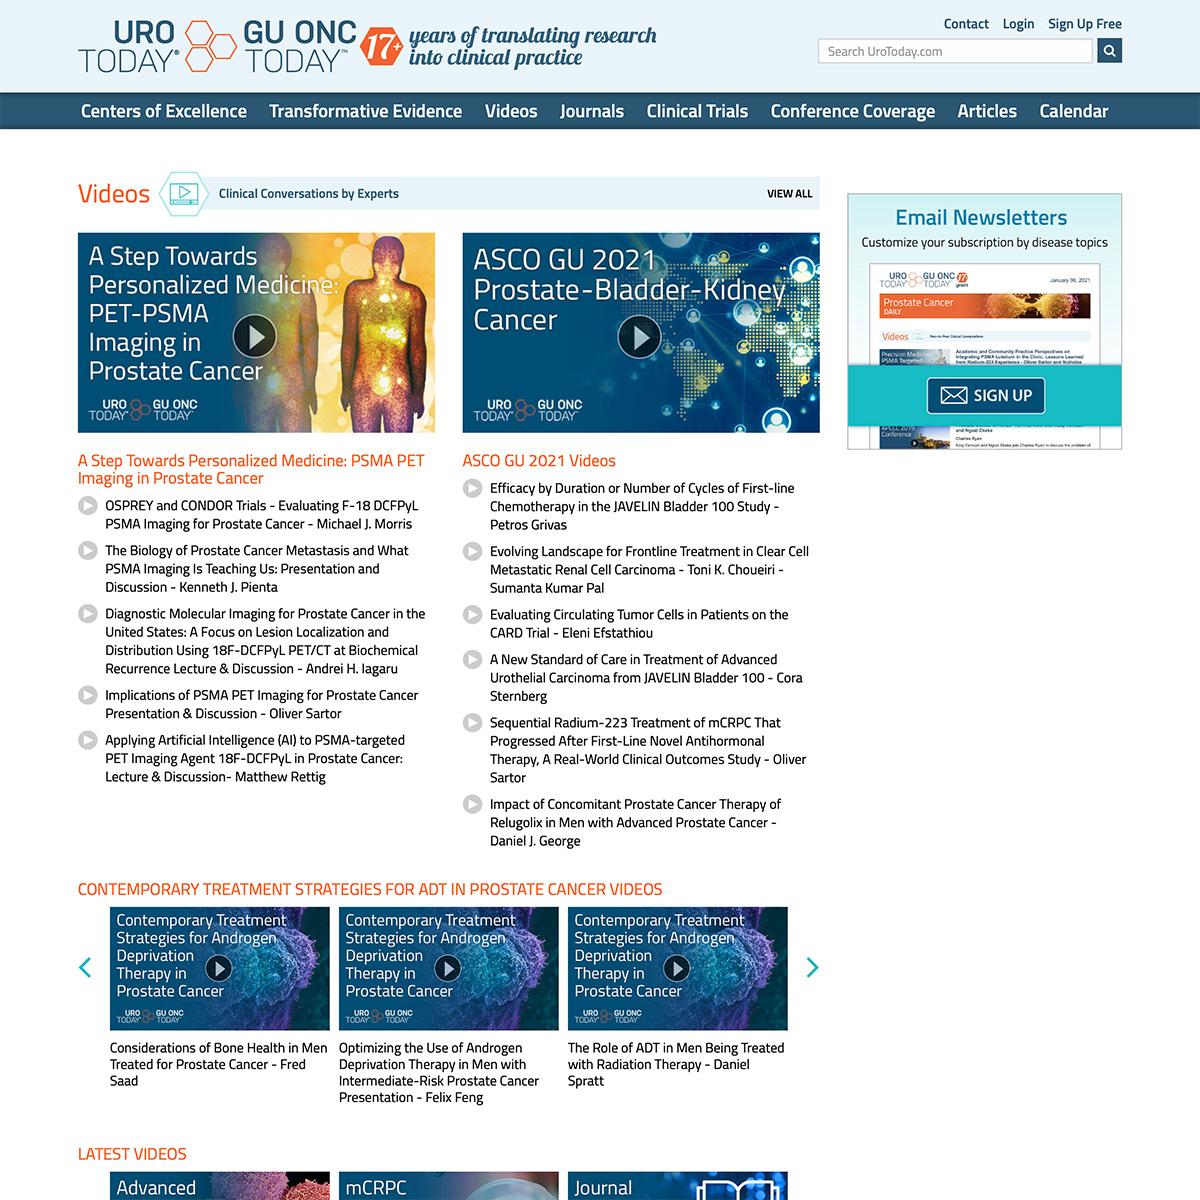 UroToday website design